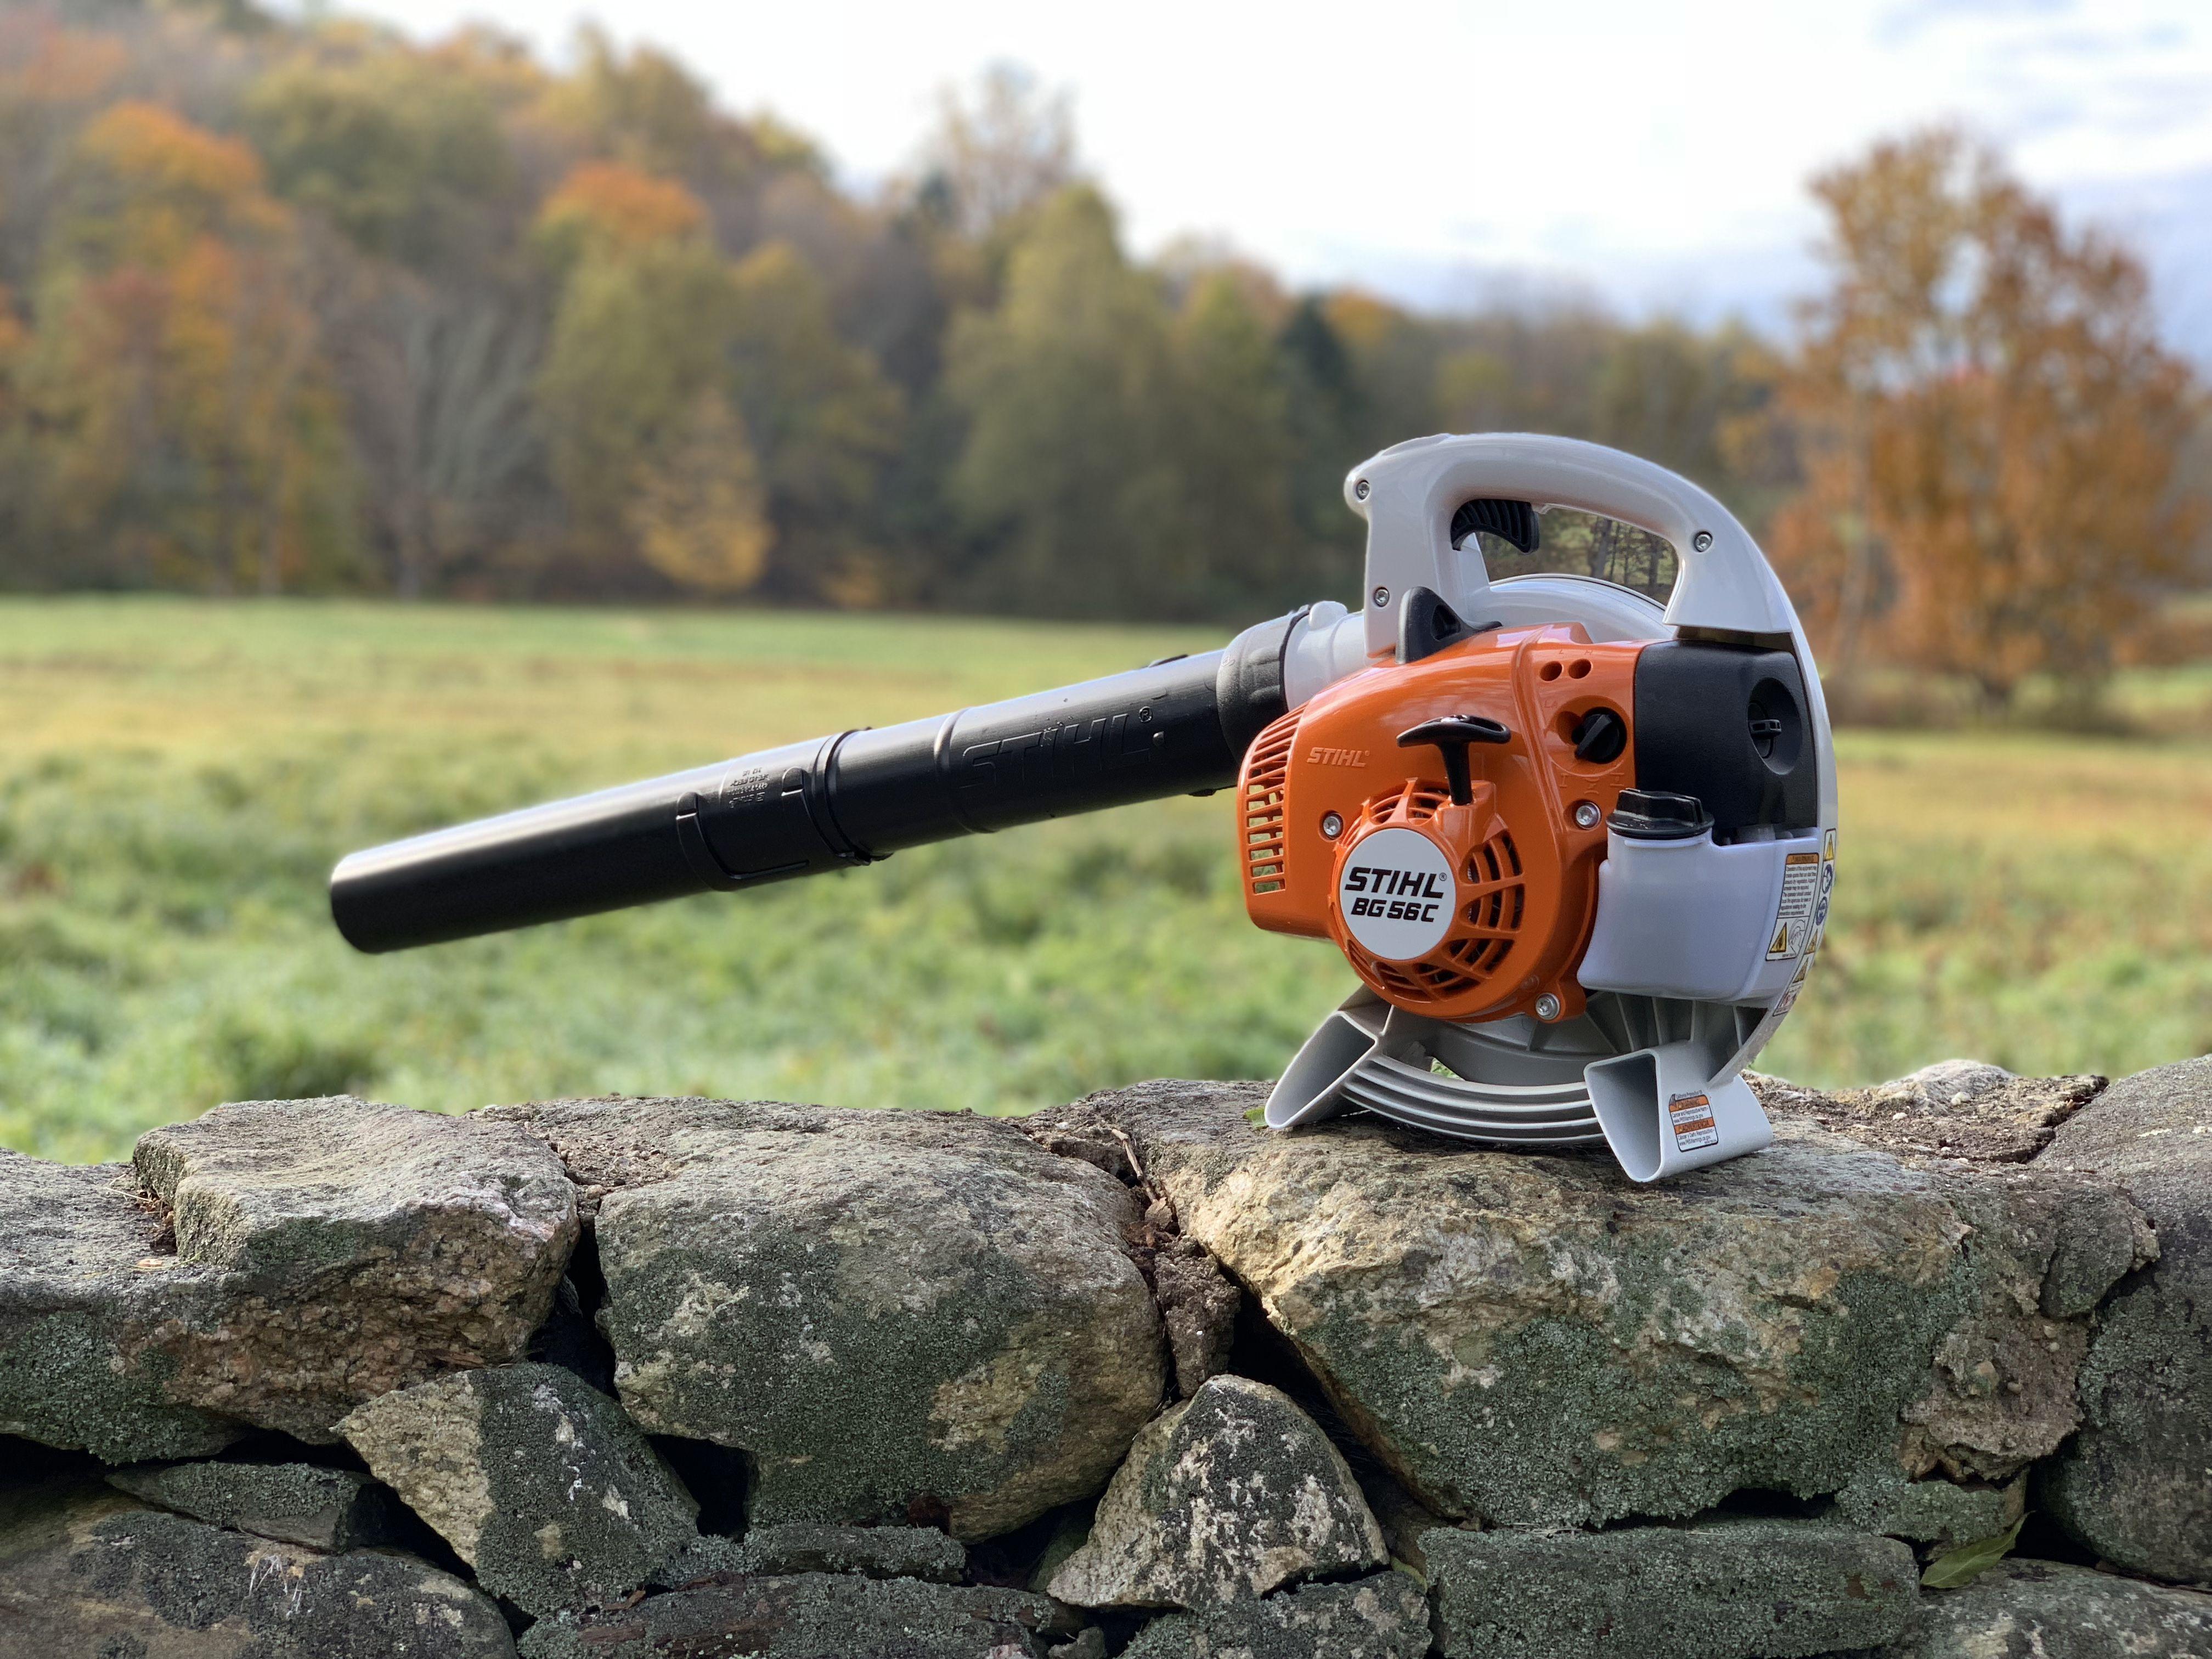 hight resolution of stihl bg 56 c e handheld blower